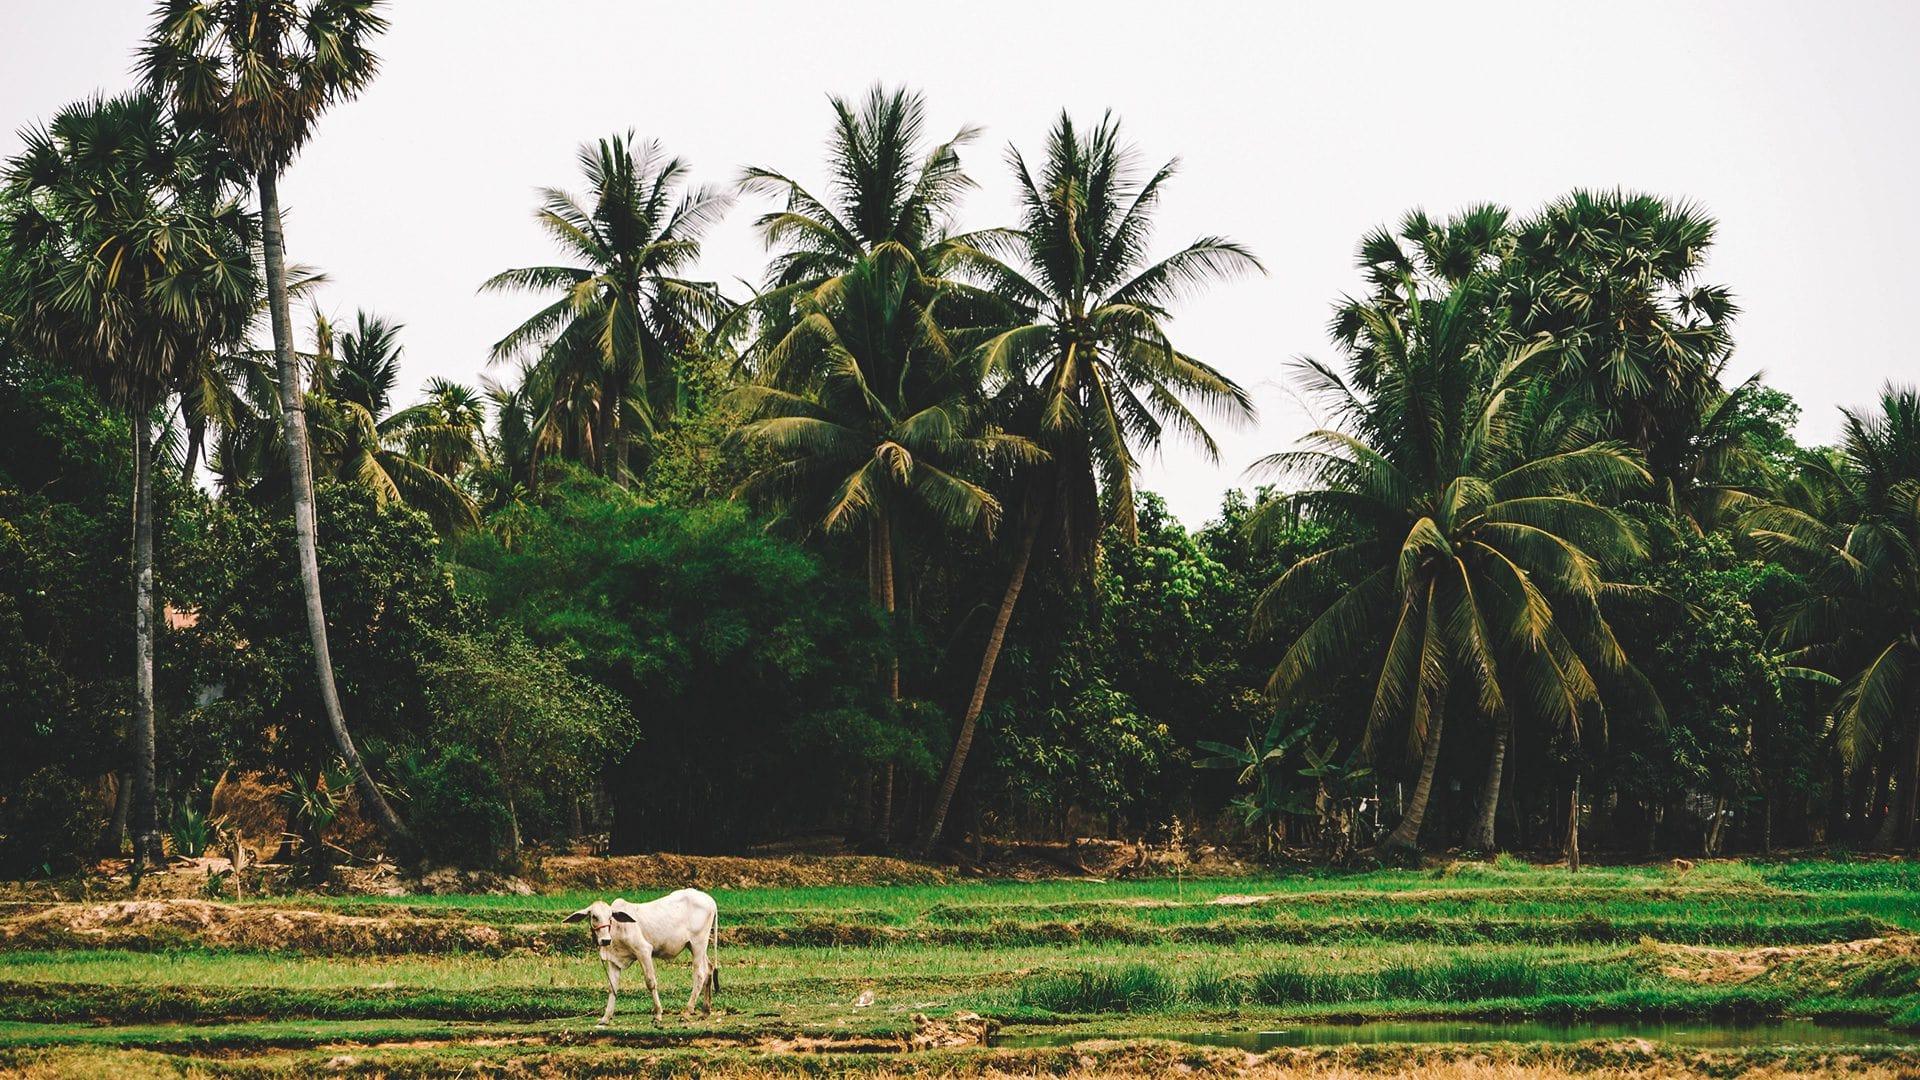 Cómo ir a Siem Reap | Rojo Cangrejo Blog de Viajes